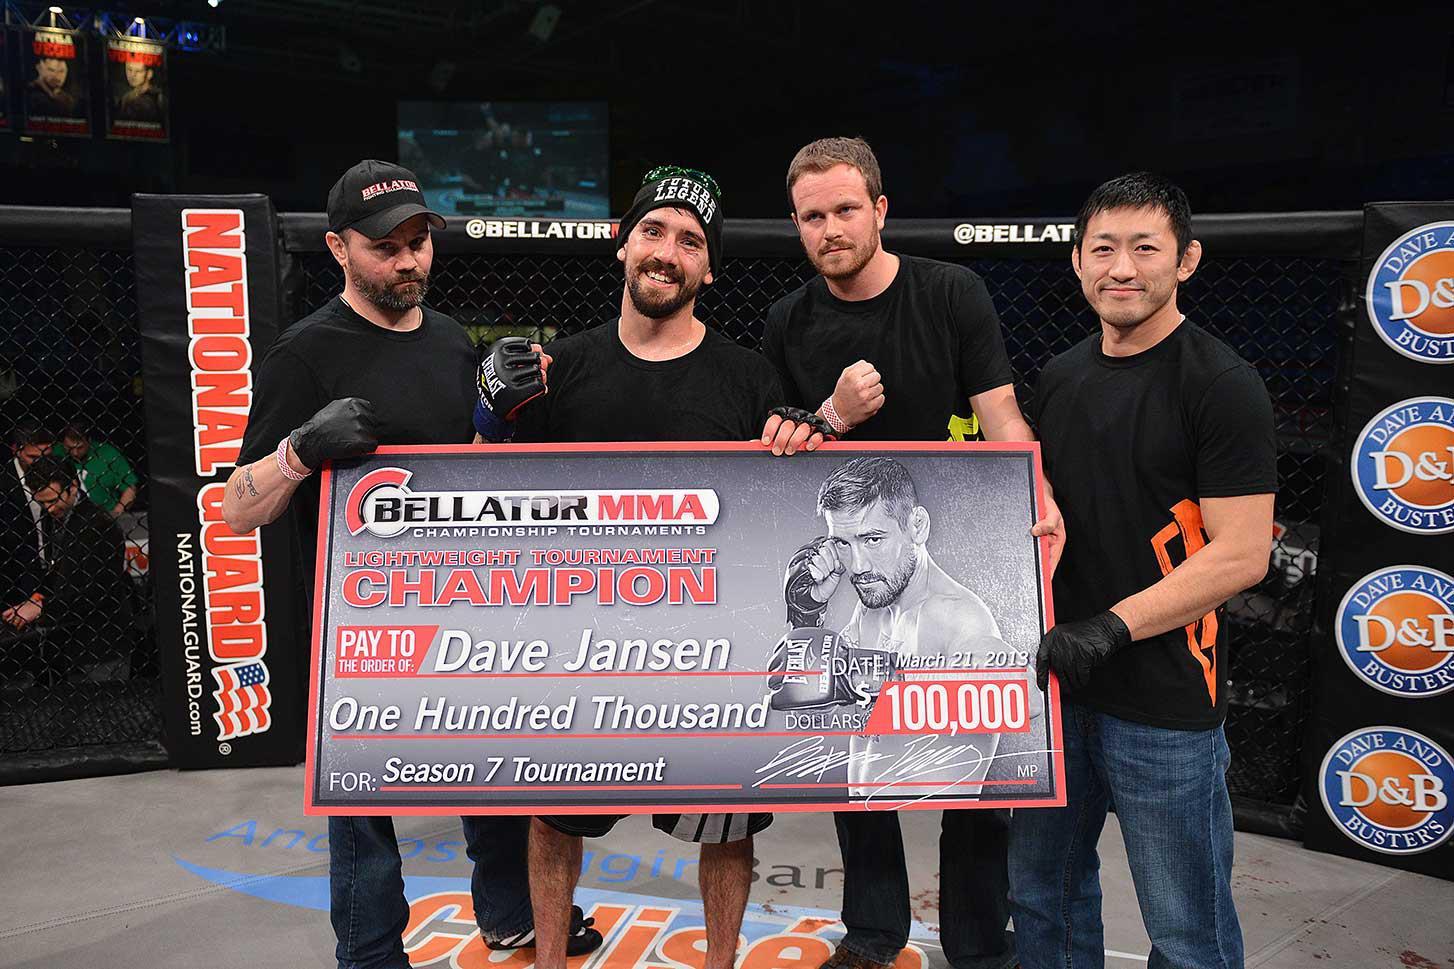 Dave Jansen e o grande cheque de 100 mil dólares por vencer o GP dos leves. Foto: Reprodução/Facebook